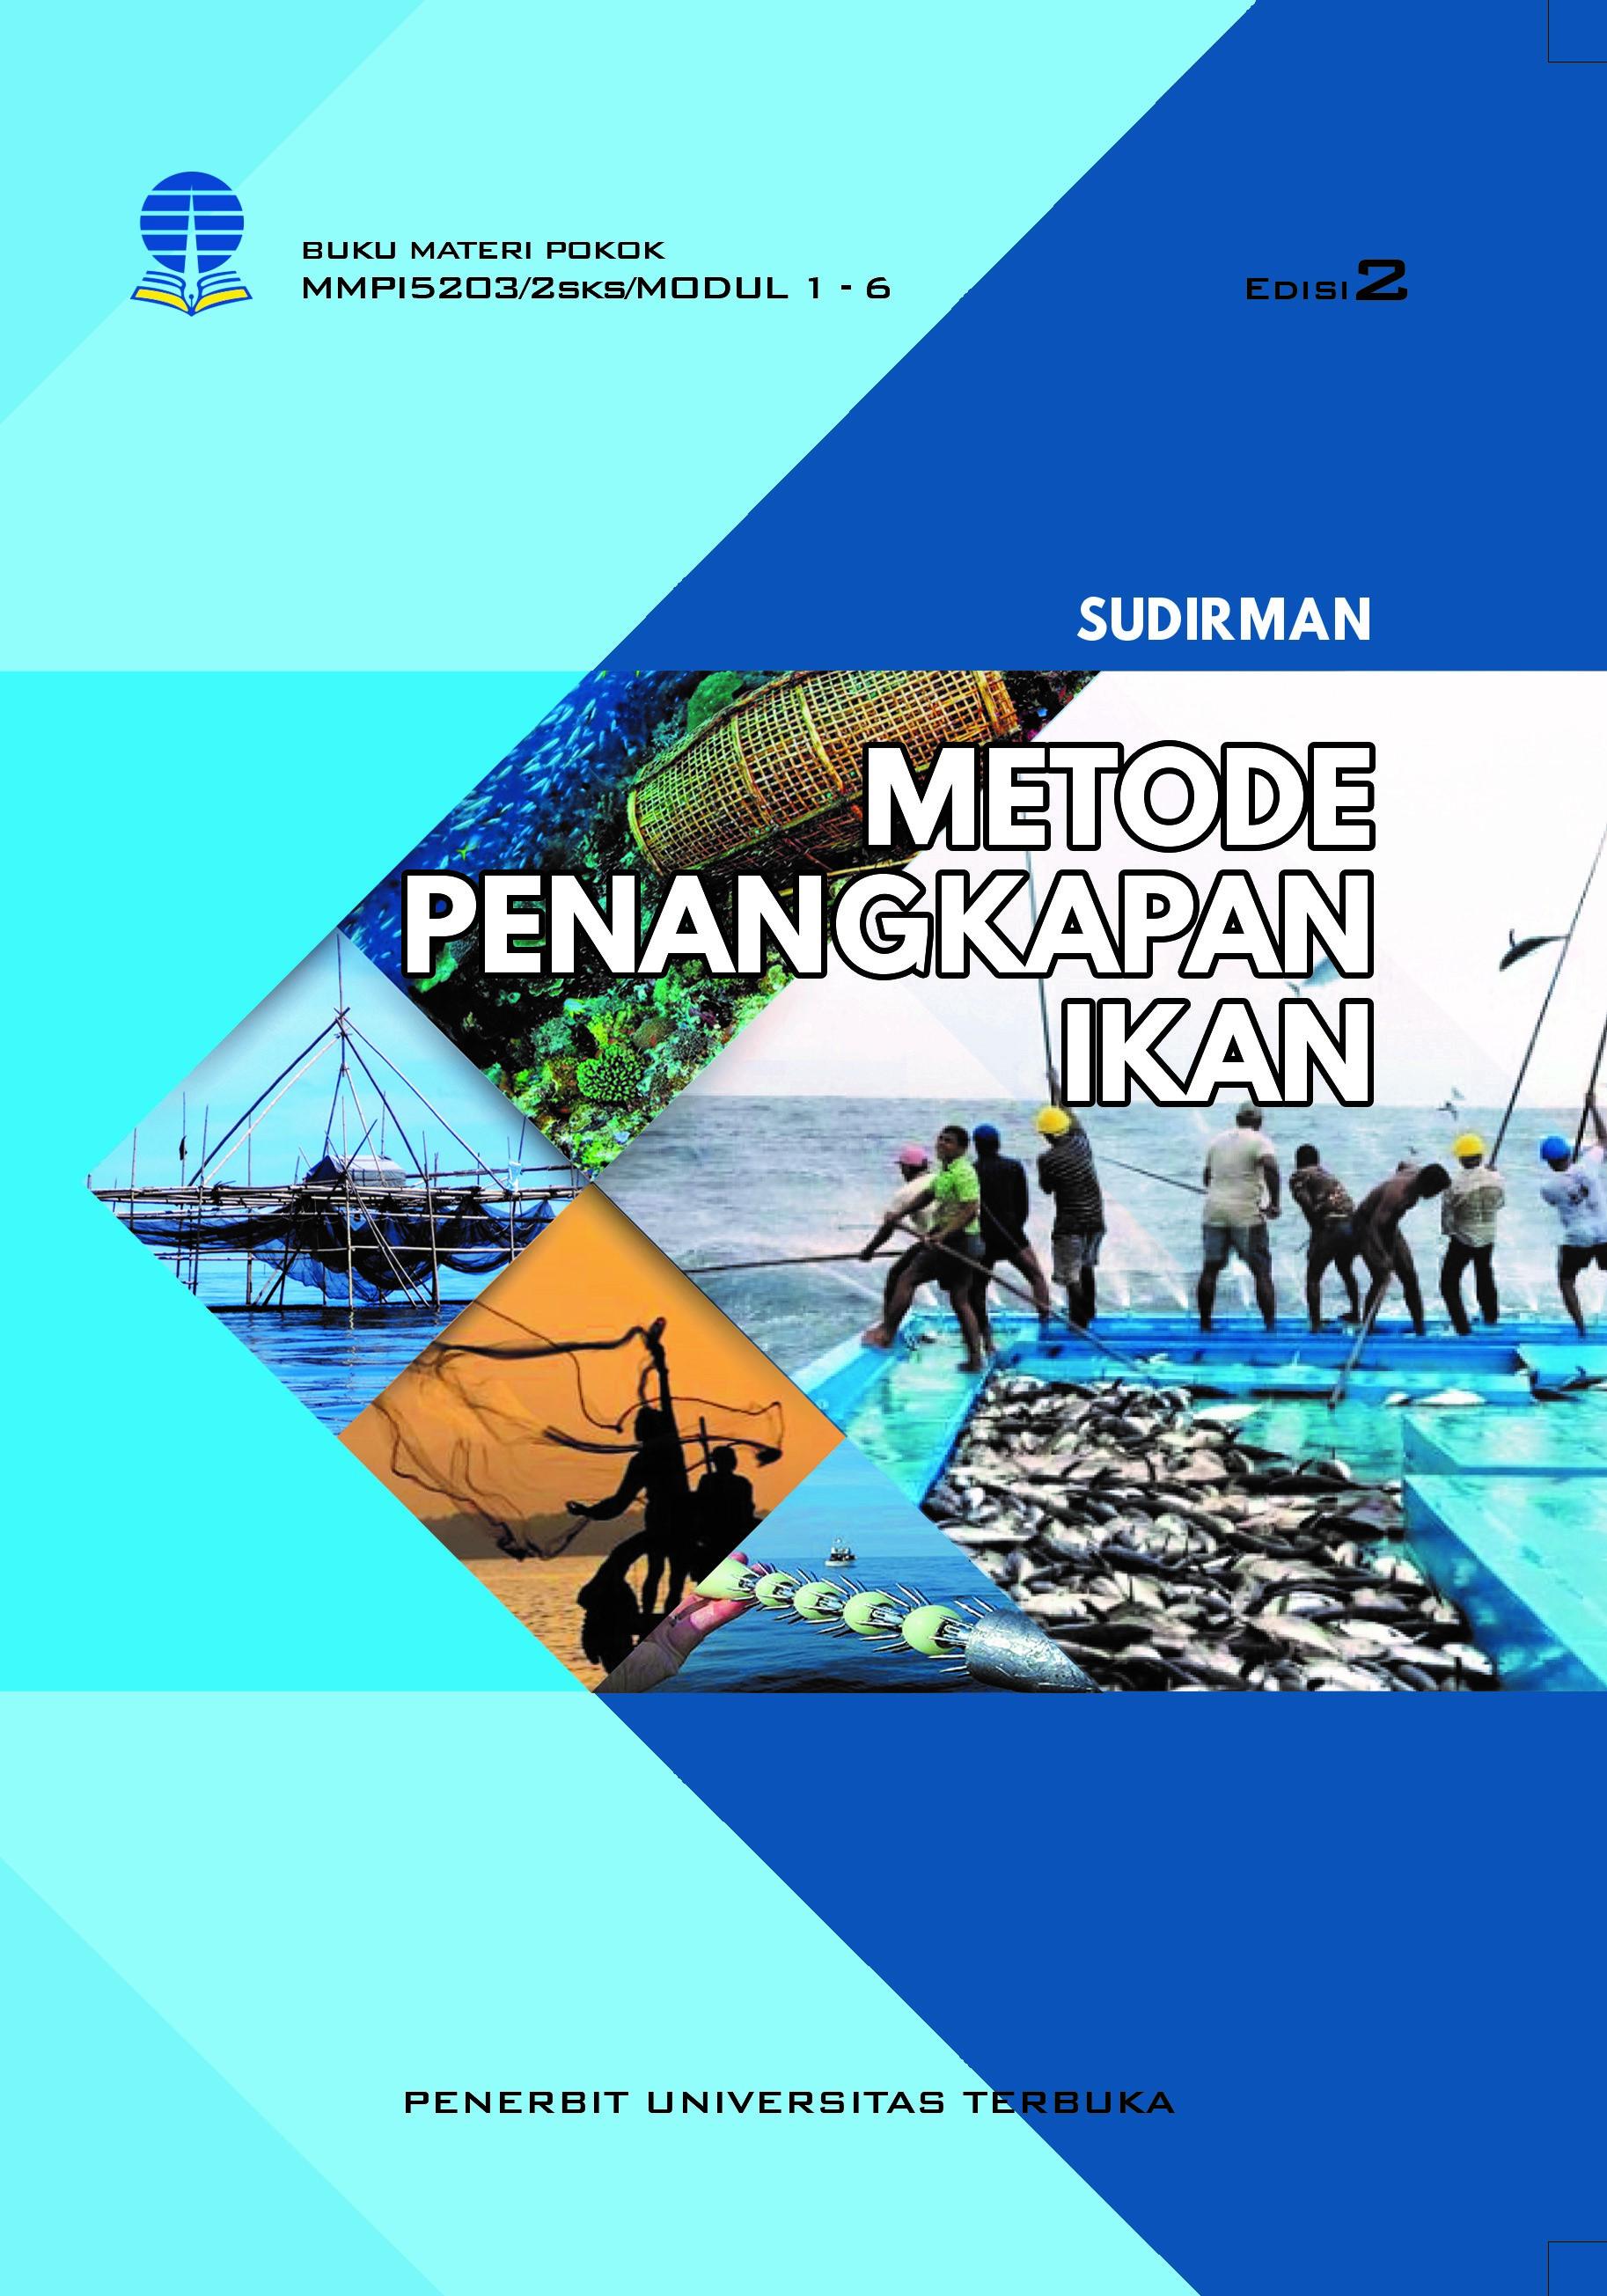 MMPI520302 - Metode Penangkapan Ikan